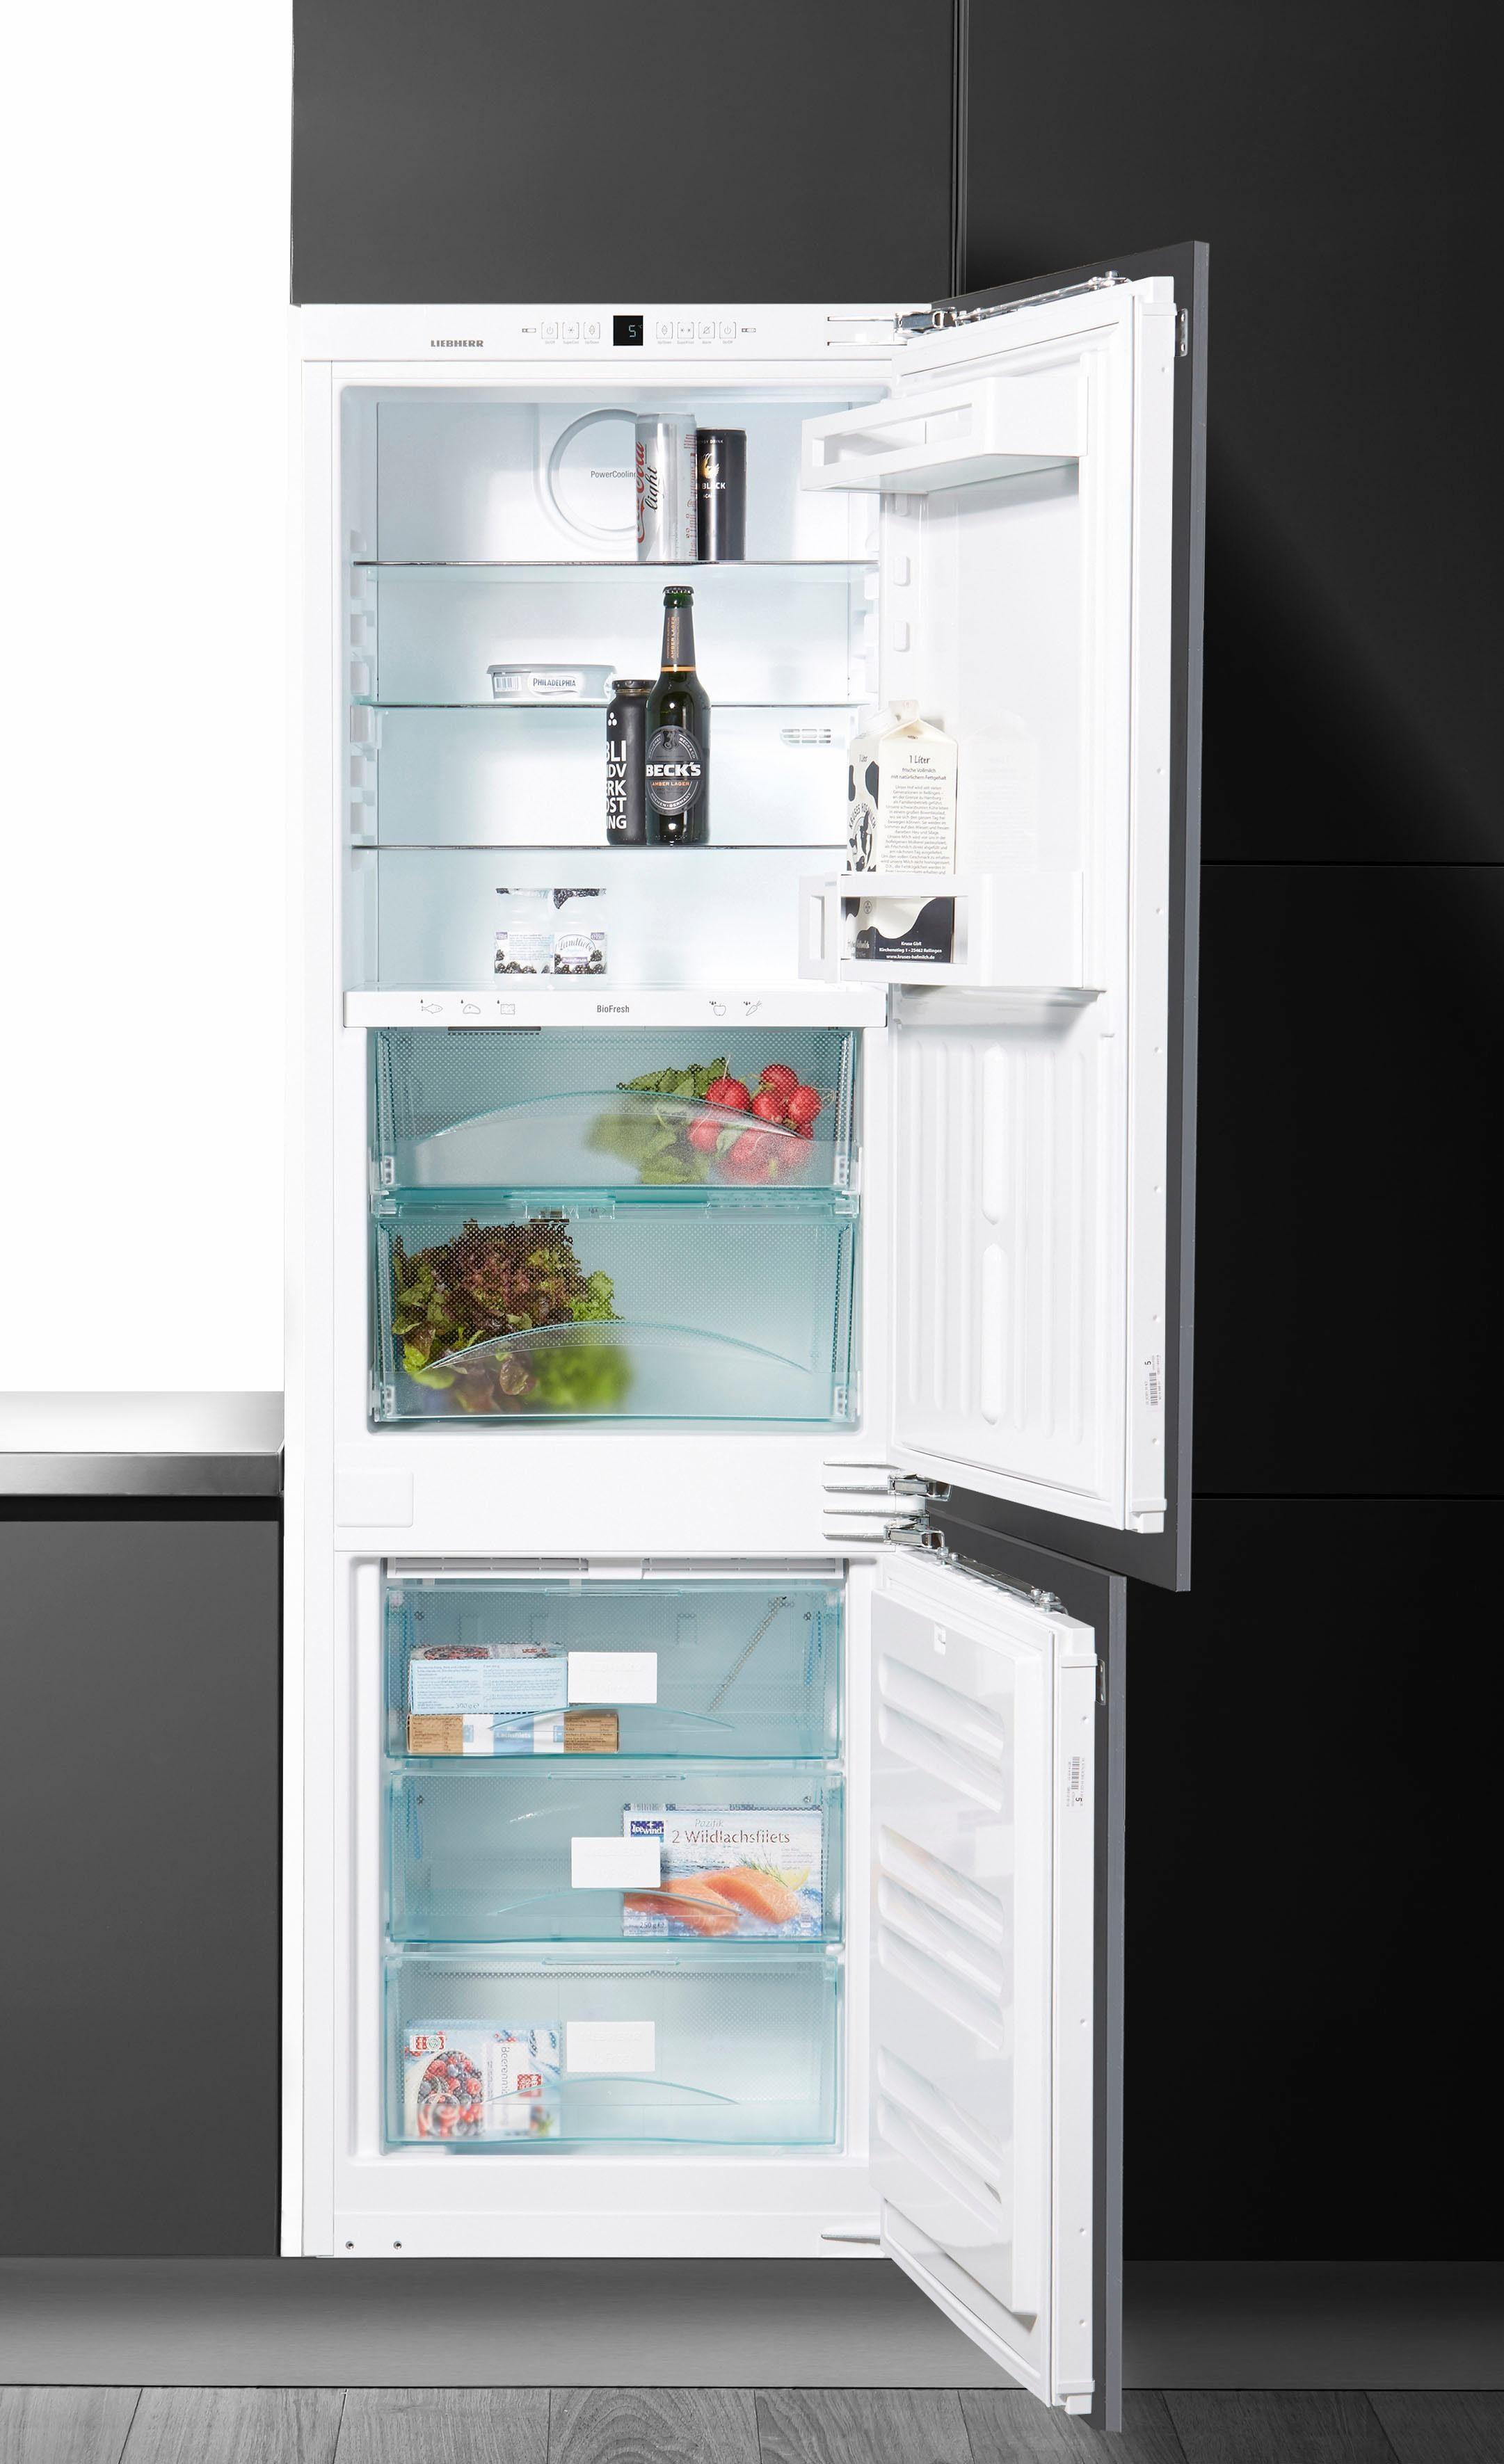 Liebherr integrierbare Einbau-Kühl-Gefrier-Kombination ICBN 3324, Energieklasse A++, 177 cm hoch